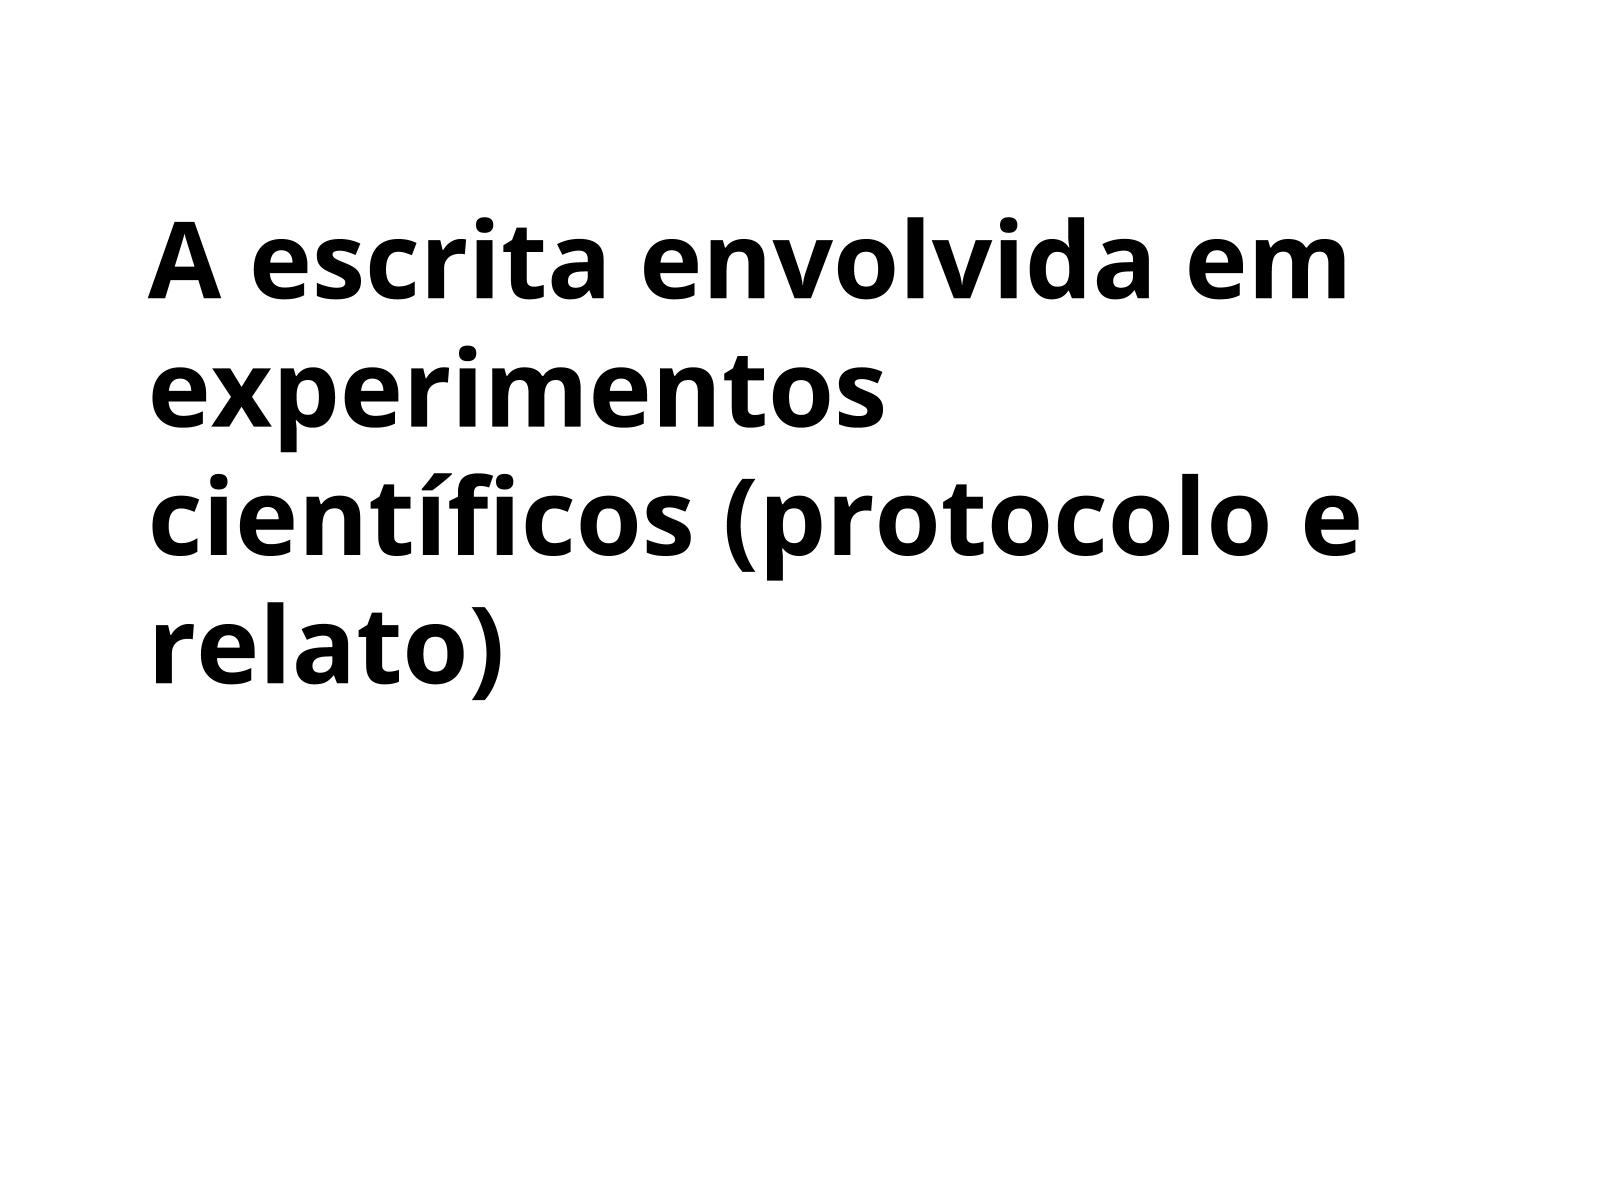 Entendendo a estrutura e a composição dos relatos de experimento científico